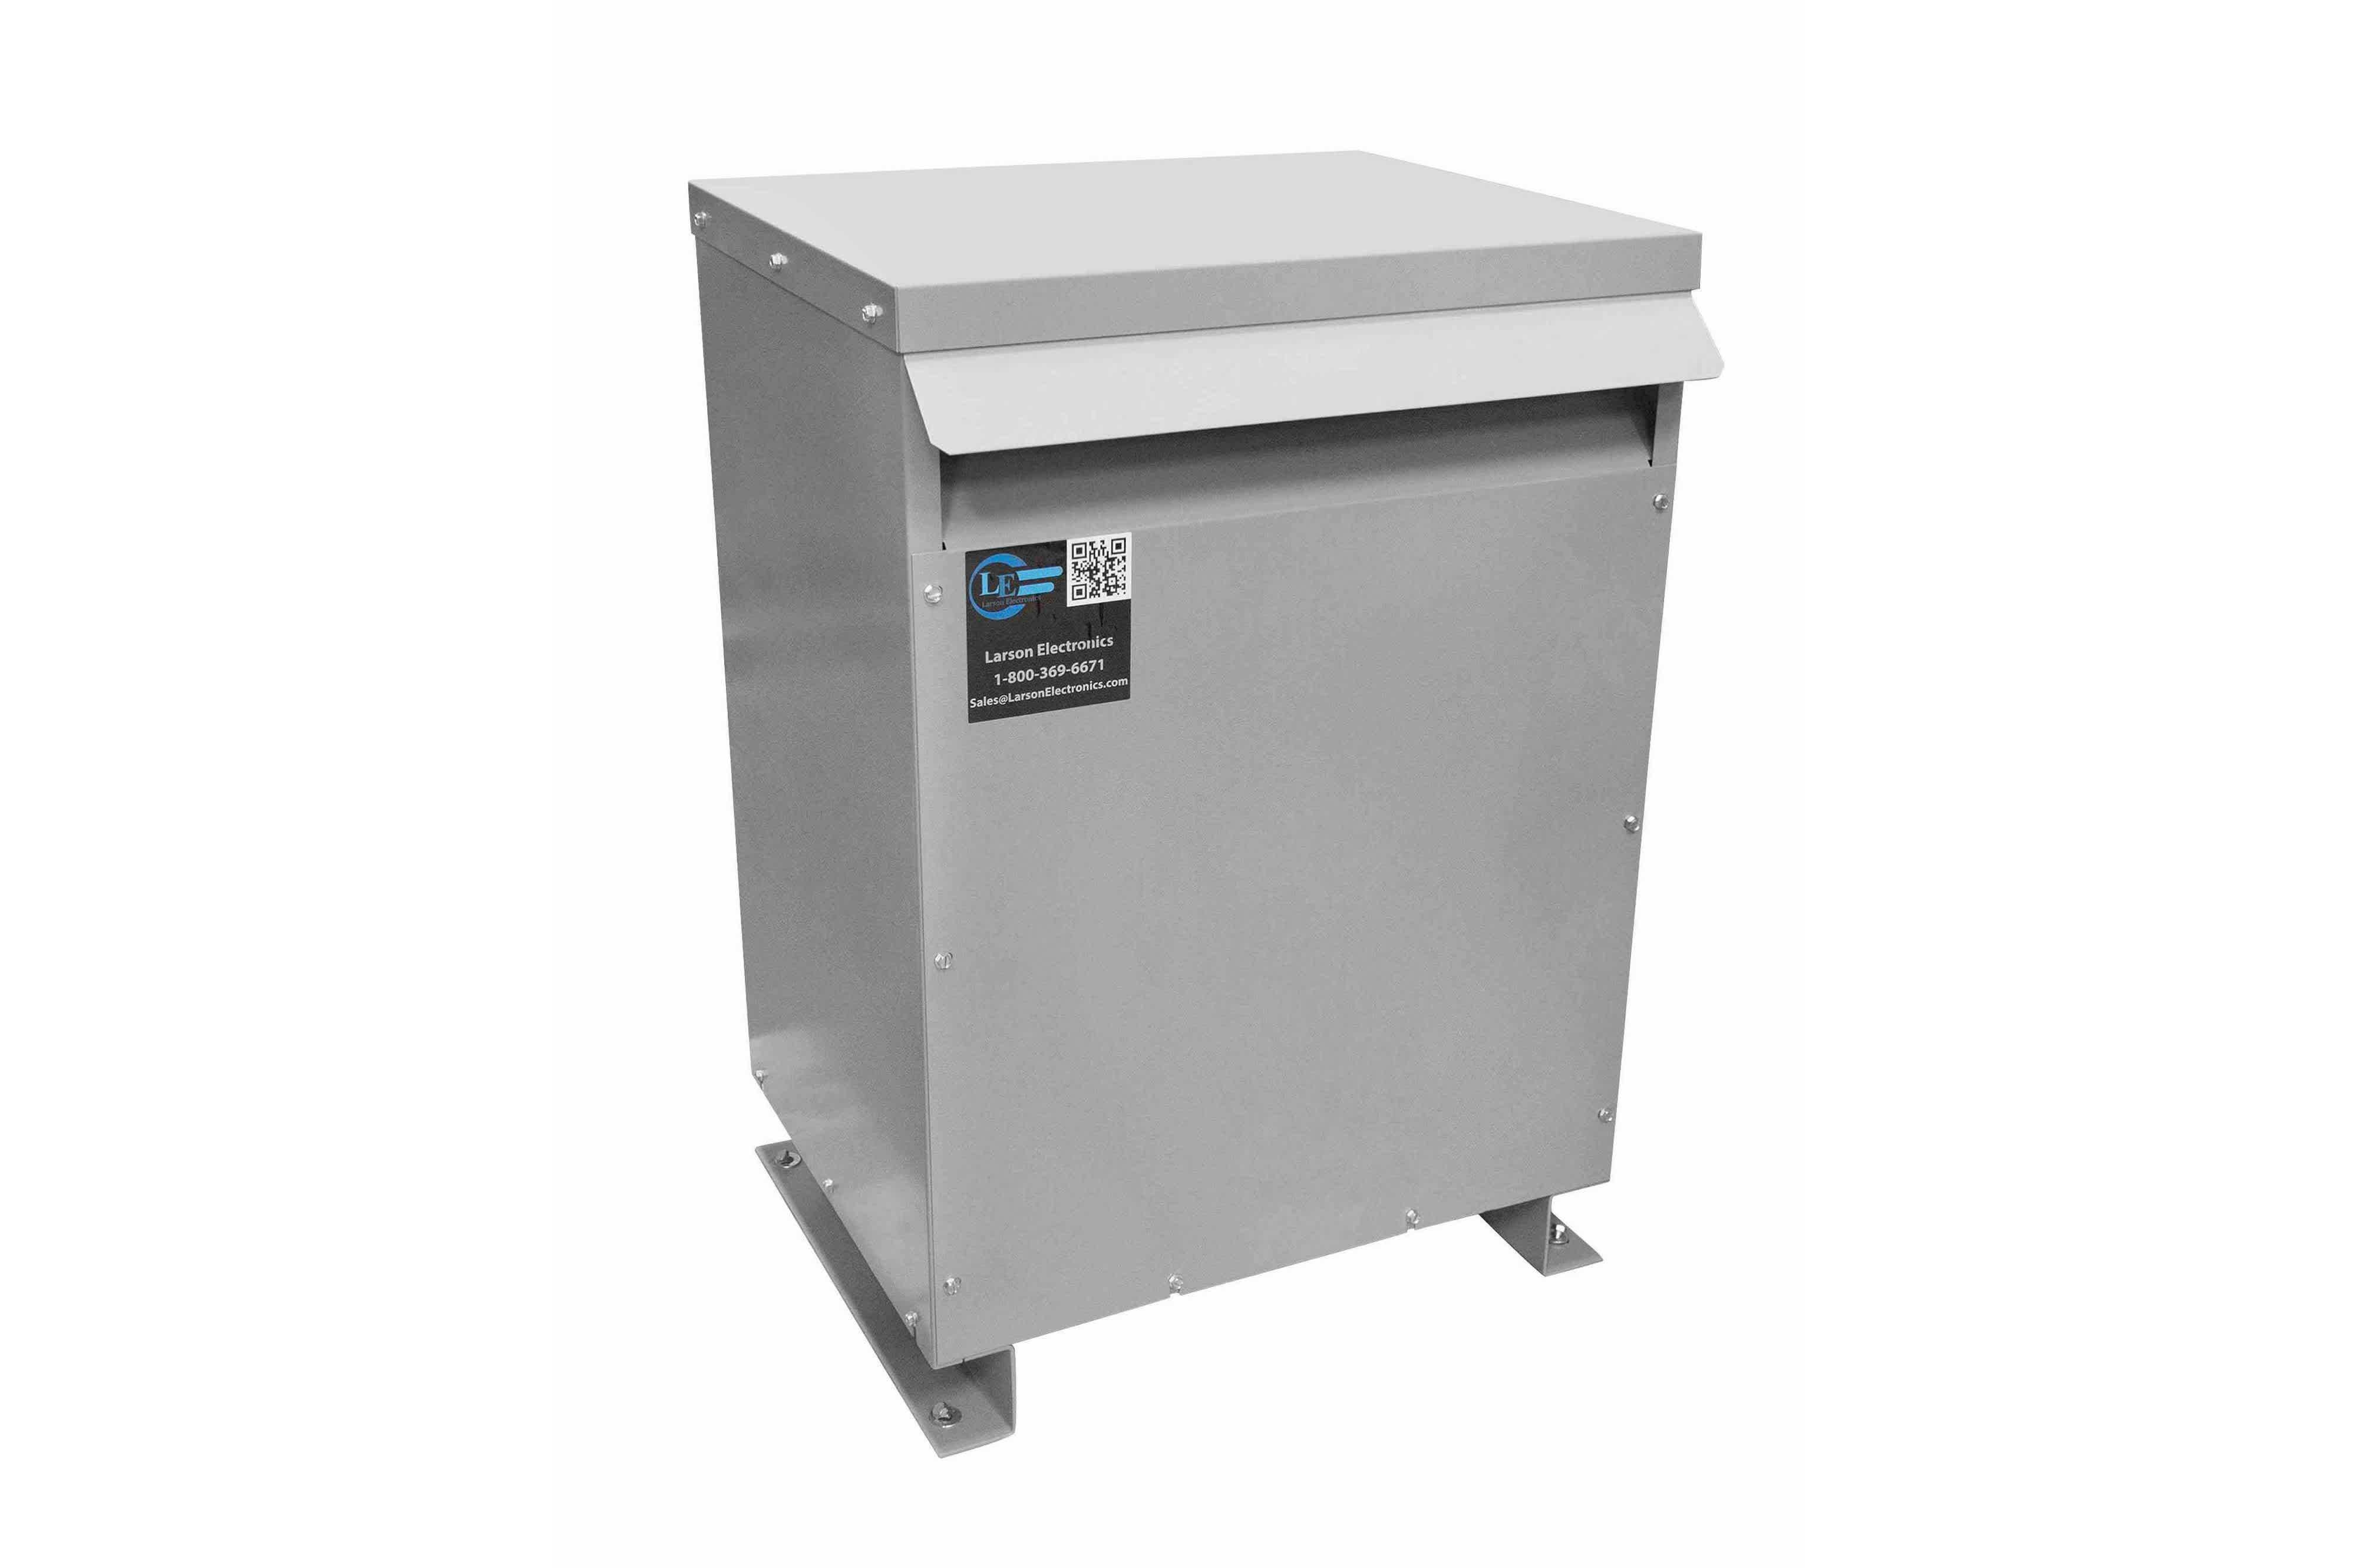 52.5 kVA 3PH Isolation Transformer, 220V Delta Primary, 208V Delta Secondary, N3R, Ventilated, 60 Hz